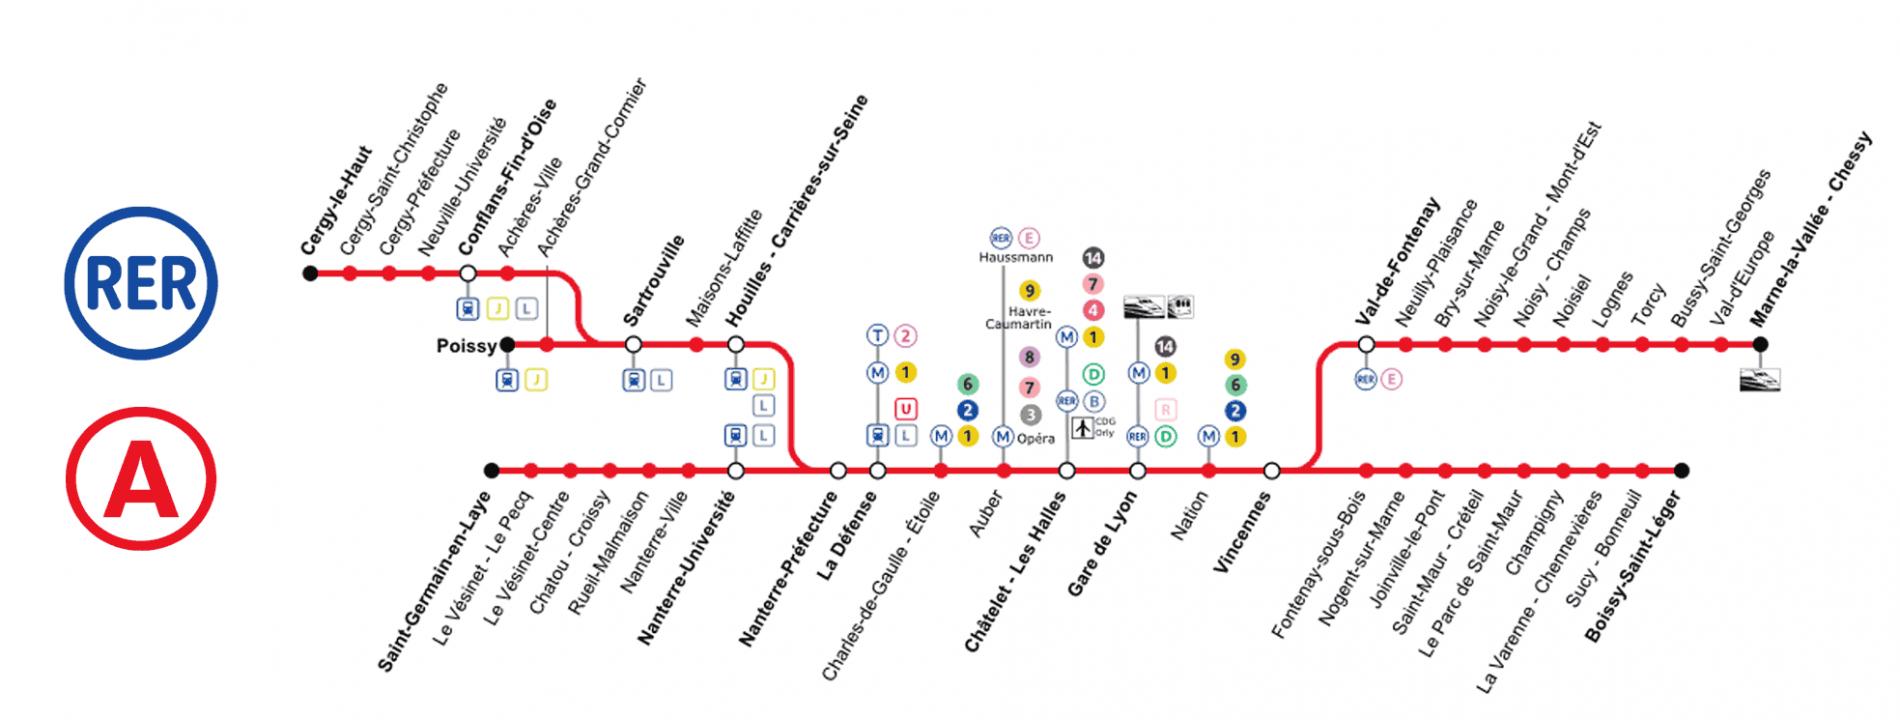 Línea RER A. Cómo ir desde el centro de París a a Disneyland